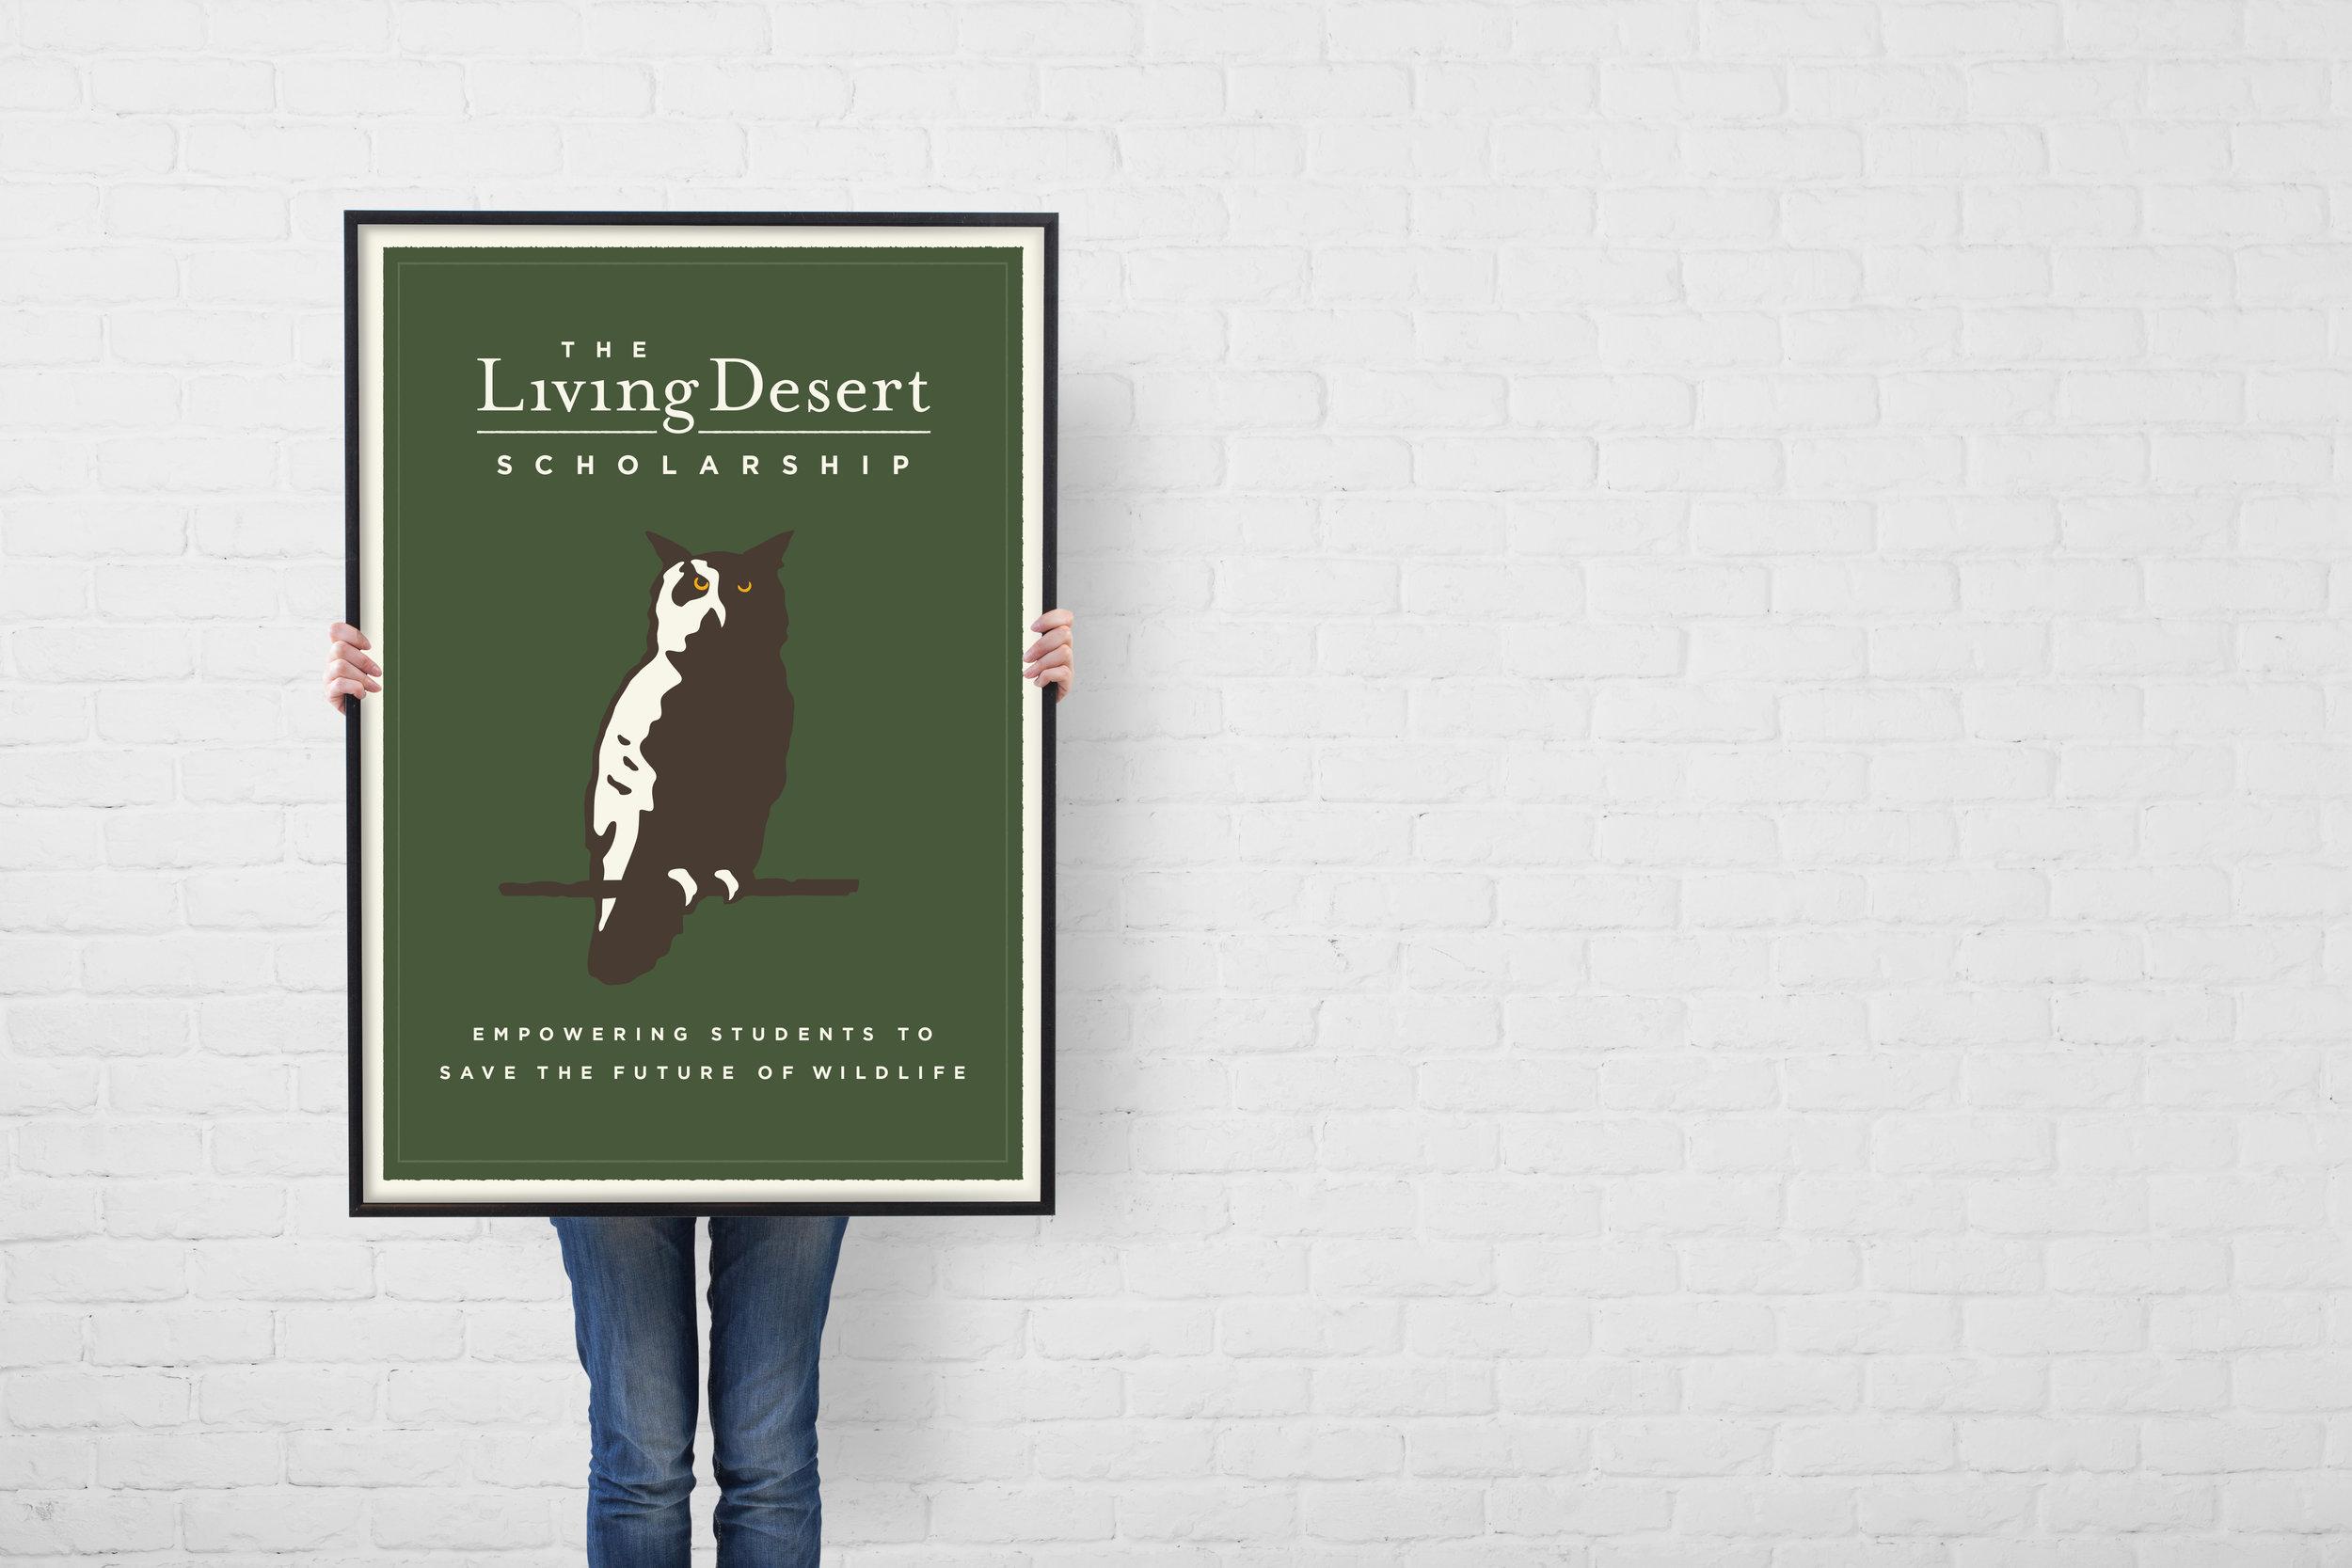 LivingDesertScholarship_ttc_poster_mockup.jpg